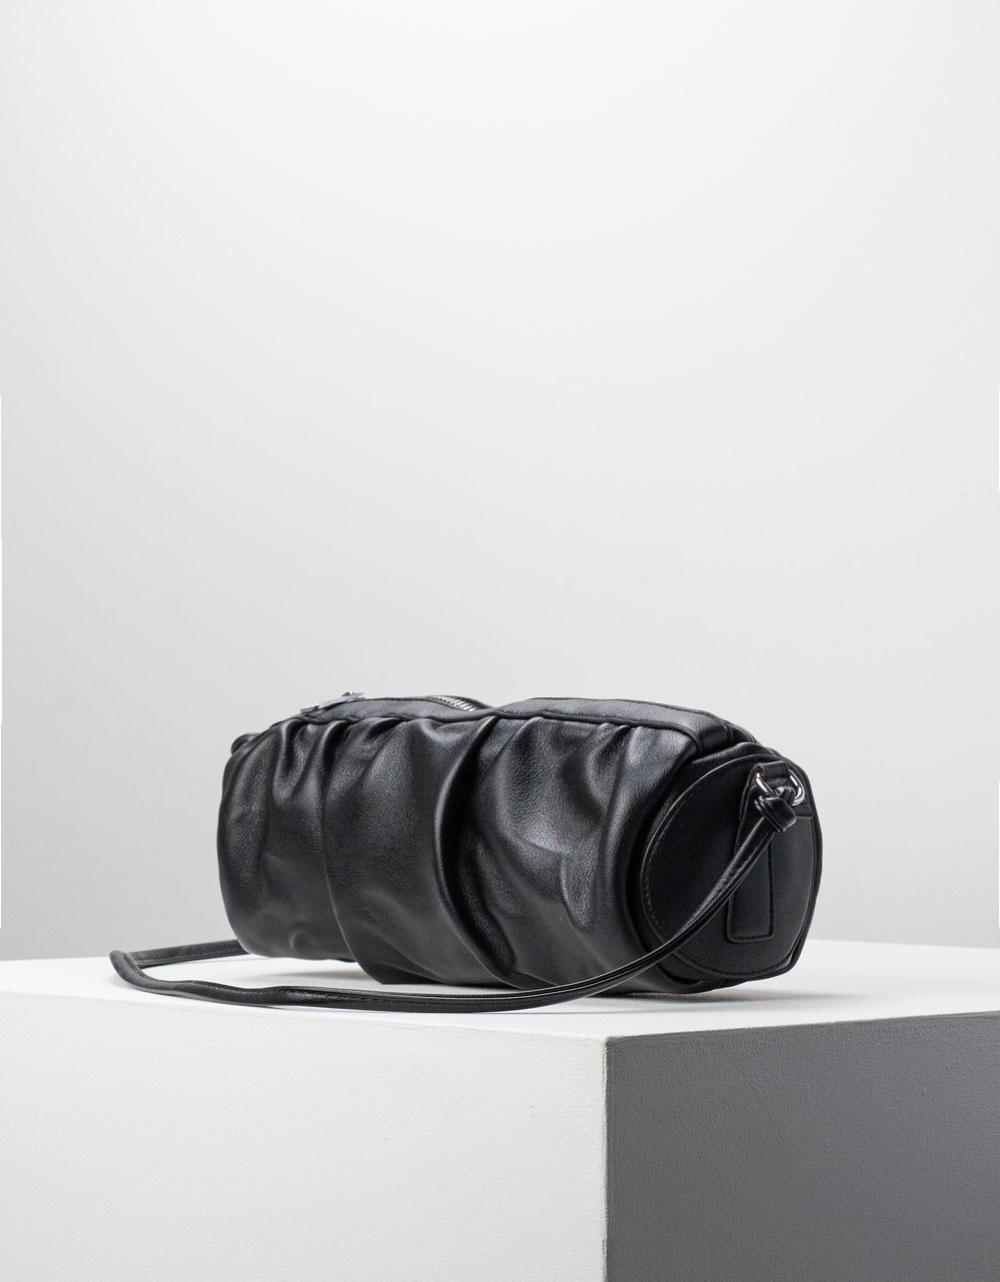 Εικόνα από Γυναικεία τσάντα ώμου & χιαστί βαρελάκι Μαύρο